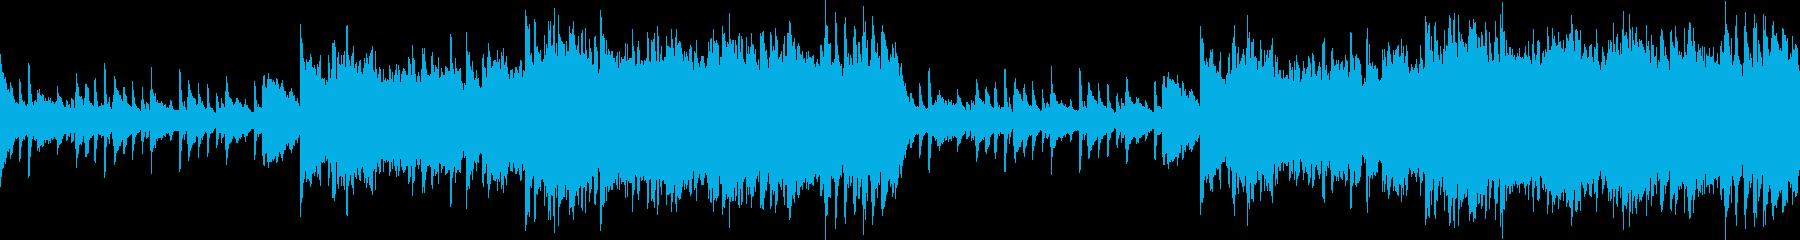 ピアノとオーケストラの静かなヒーリングの再生済みの波形